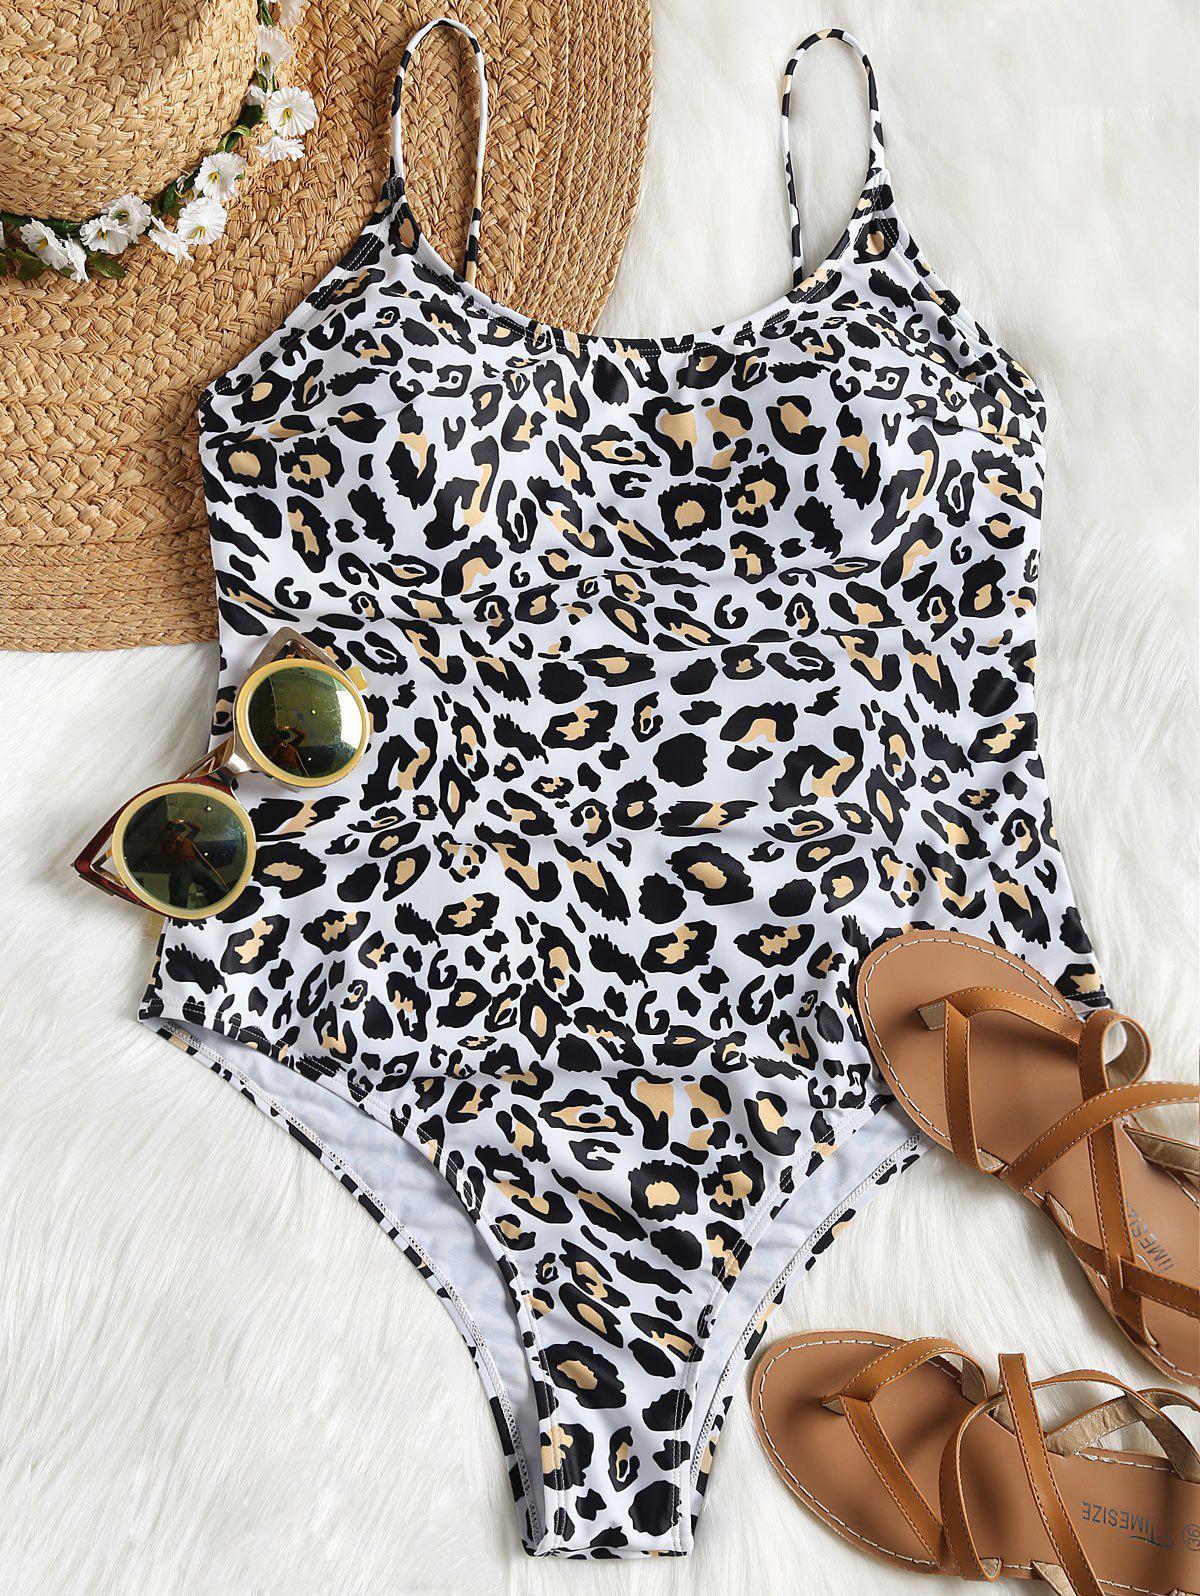 Leopard High Cut Plus